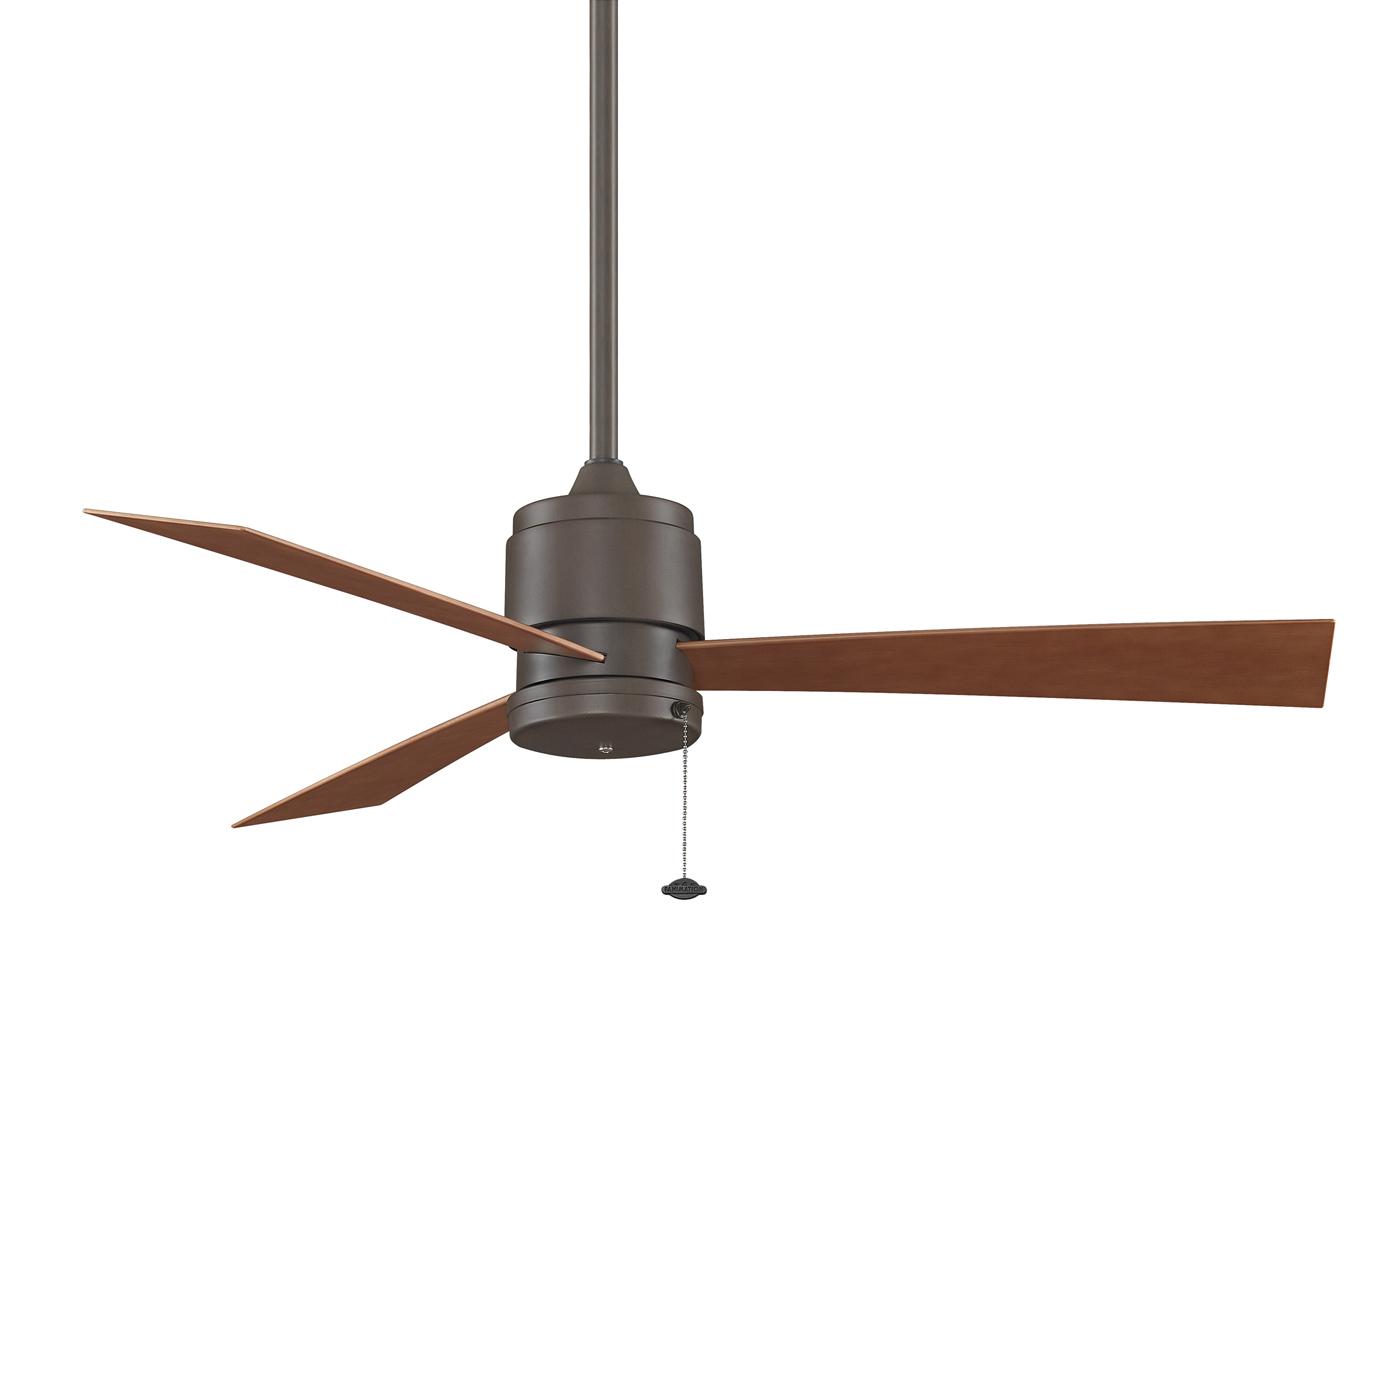 wet ceiling fans photo - 7